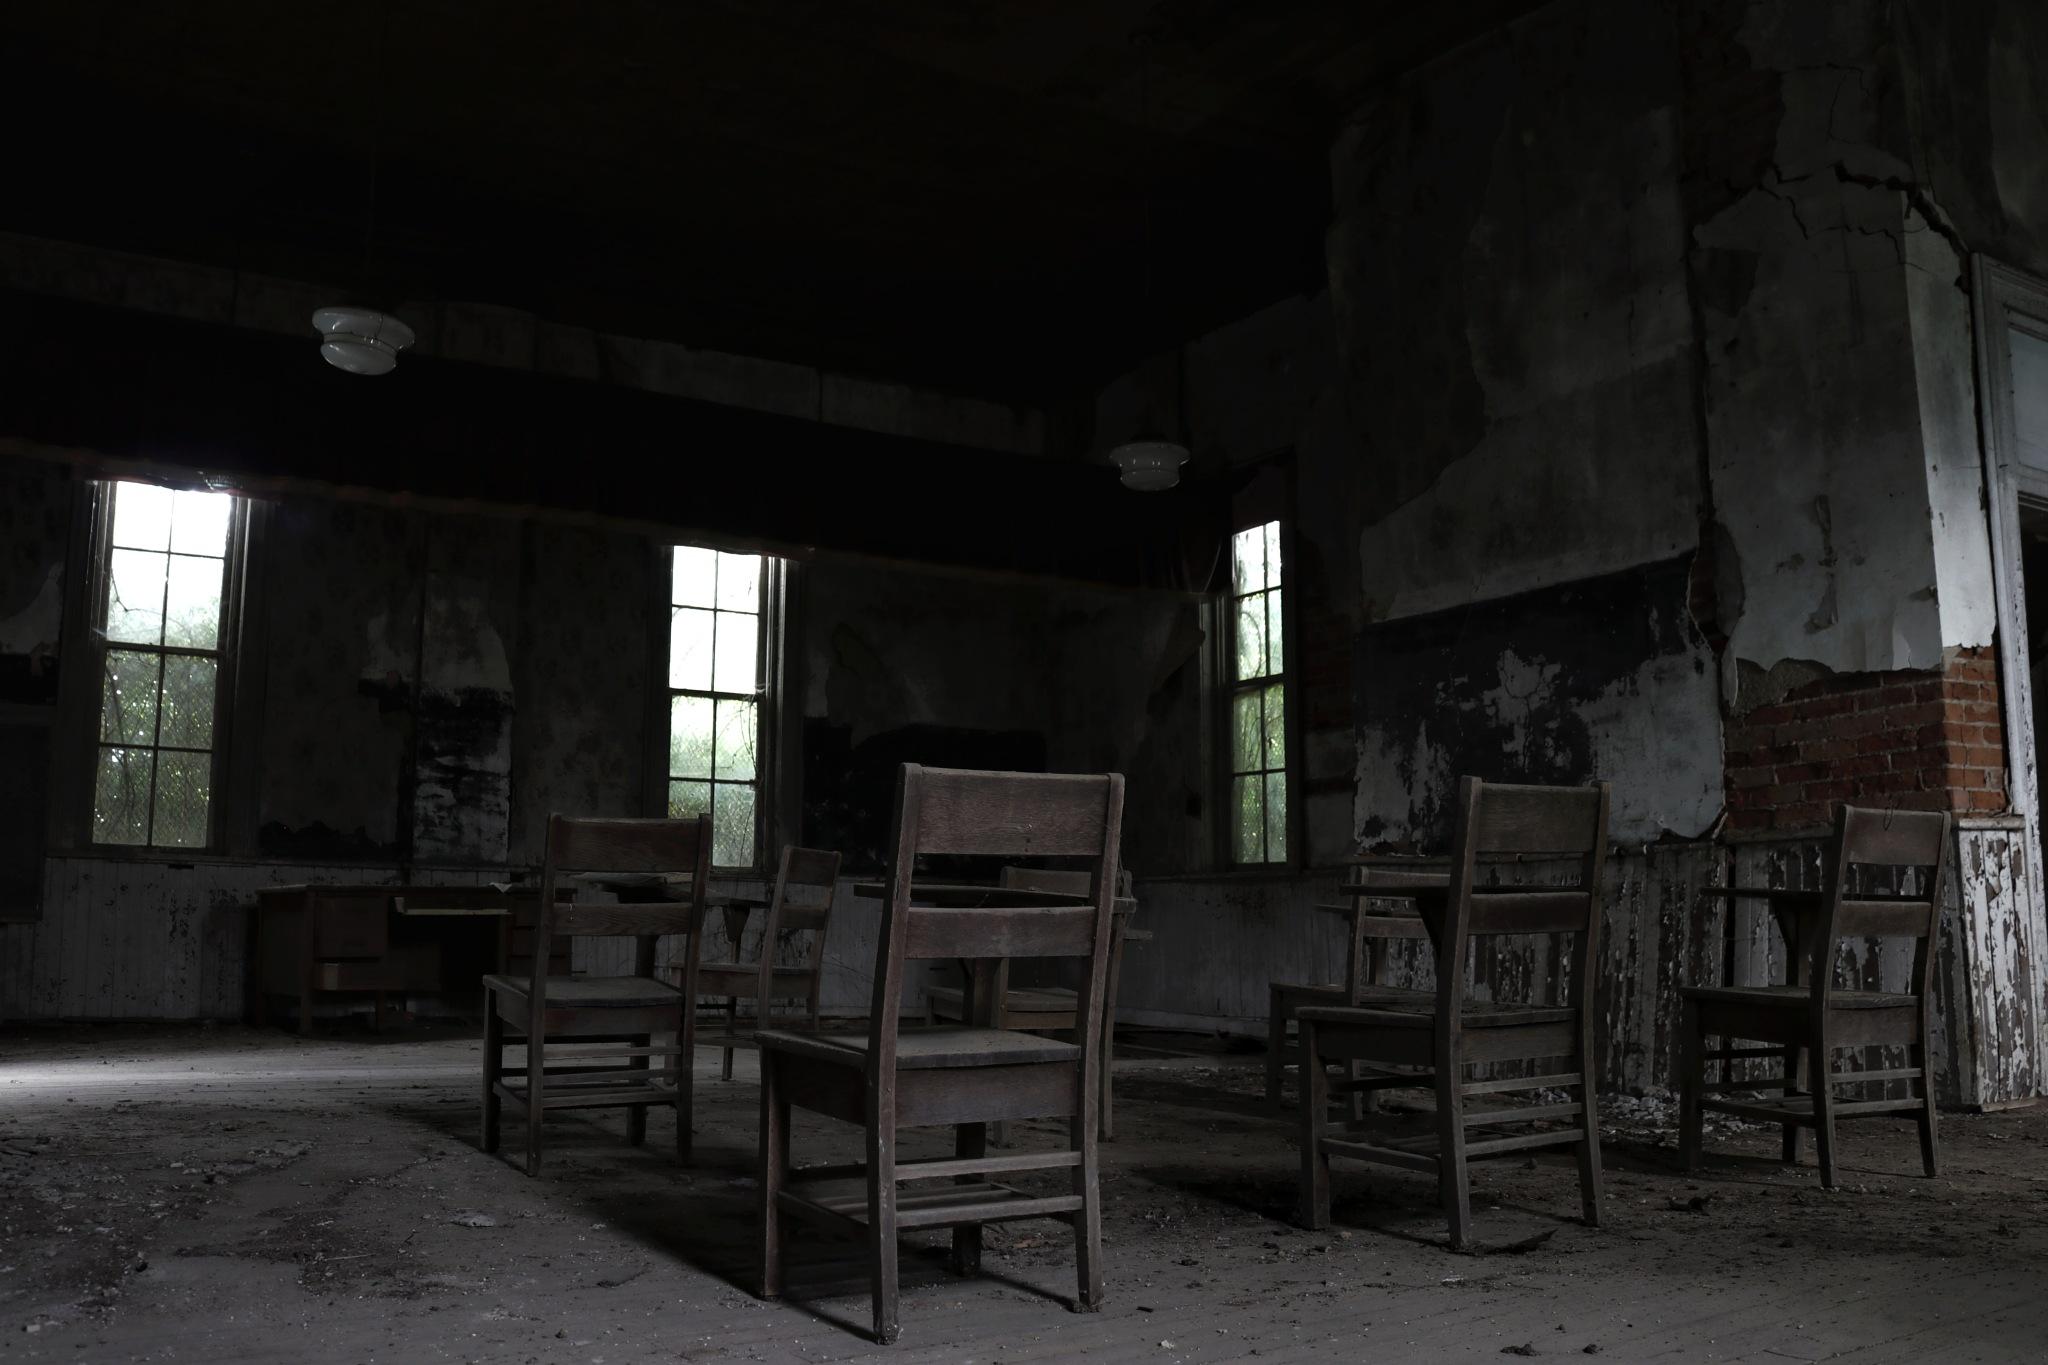 Class Dismissed  by Wyatt Elkins